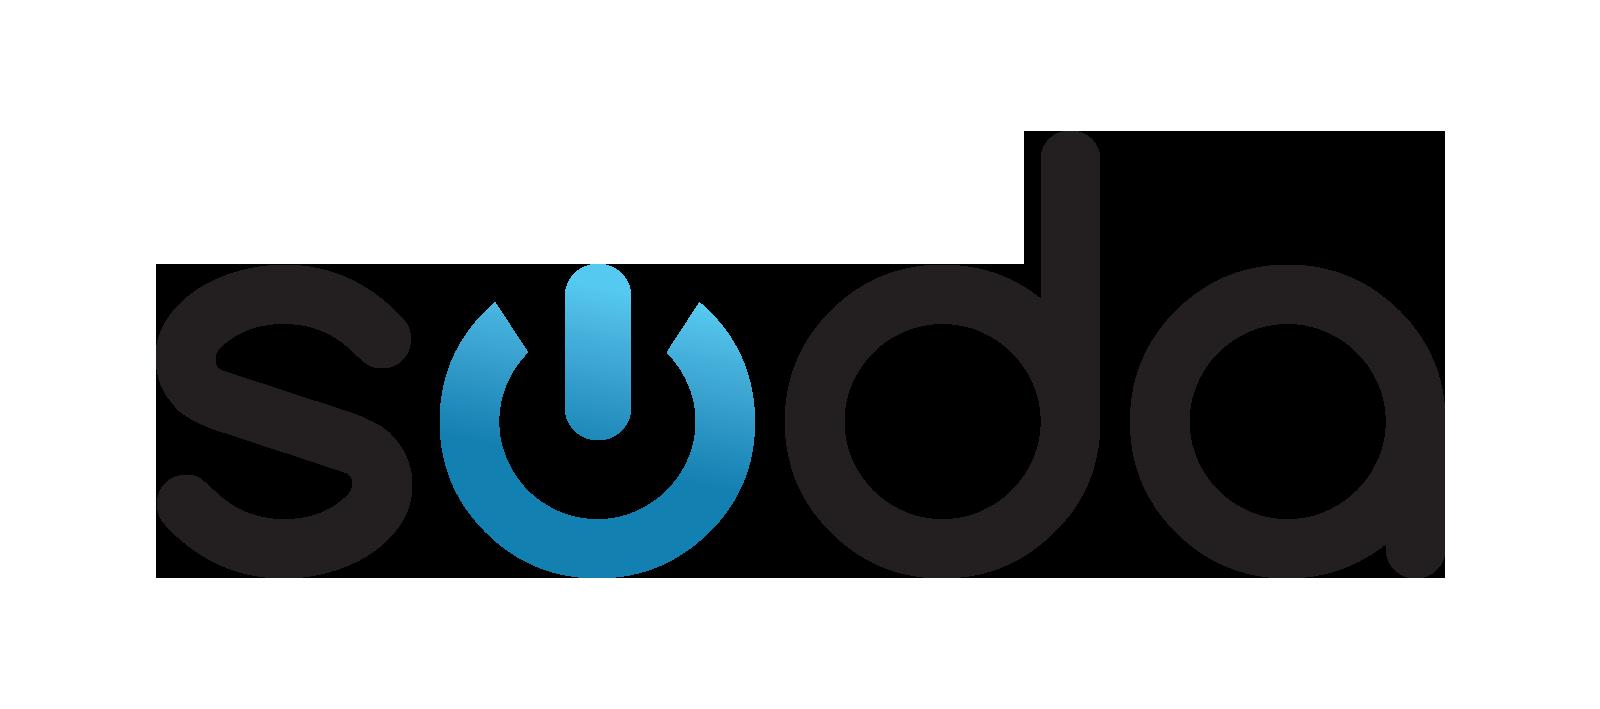 L'information analytique désormais disponible grâce à SODA 1.2